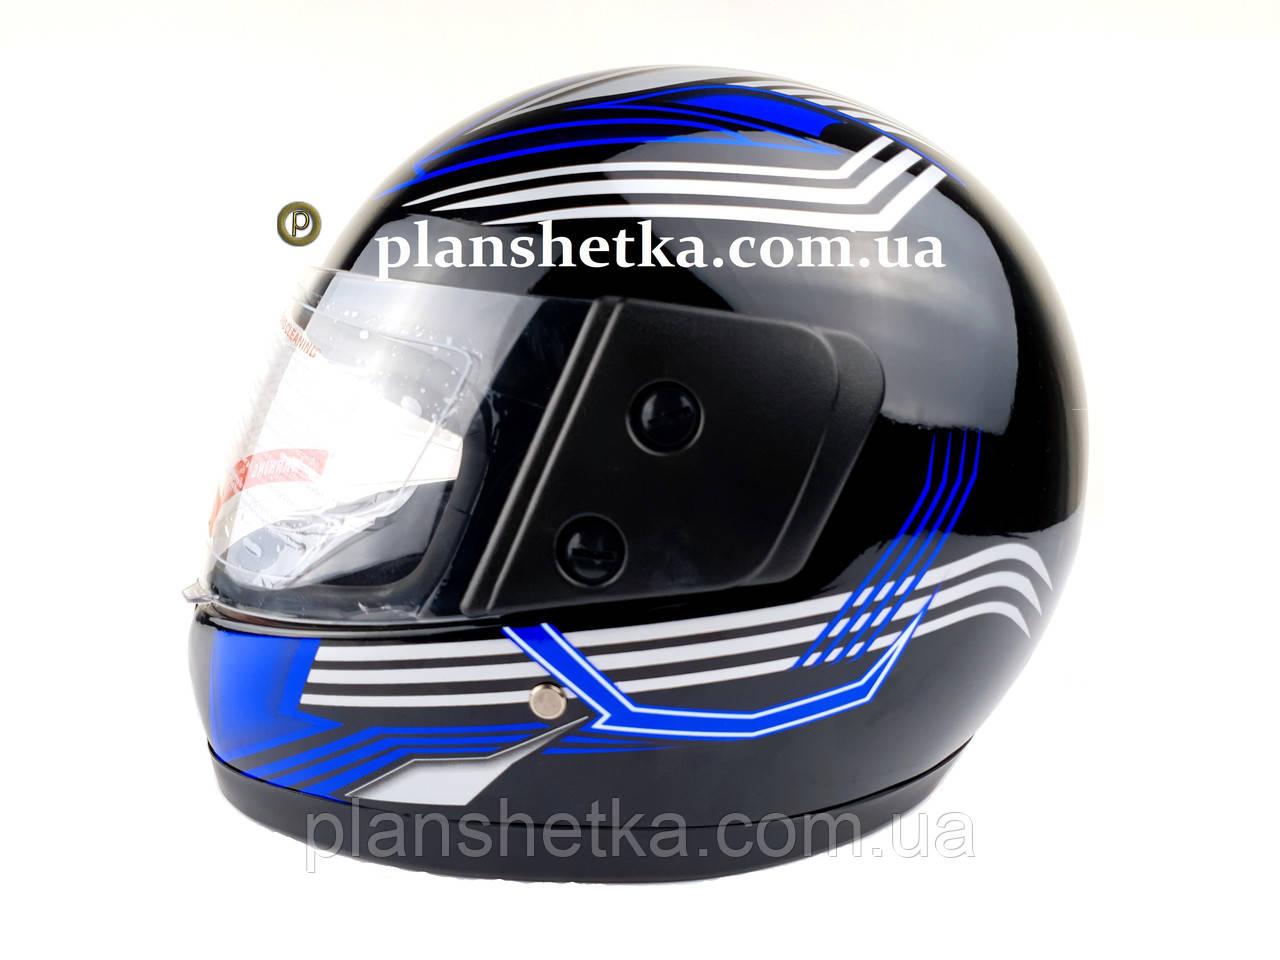 Шолом для мотоцикла F2 чорний глянець з синьою смугою (model 502)